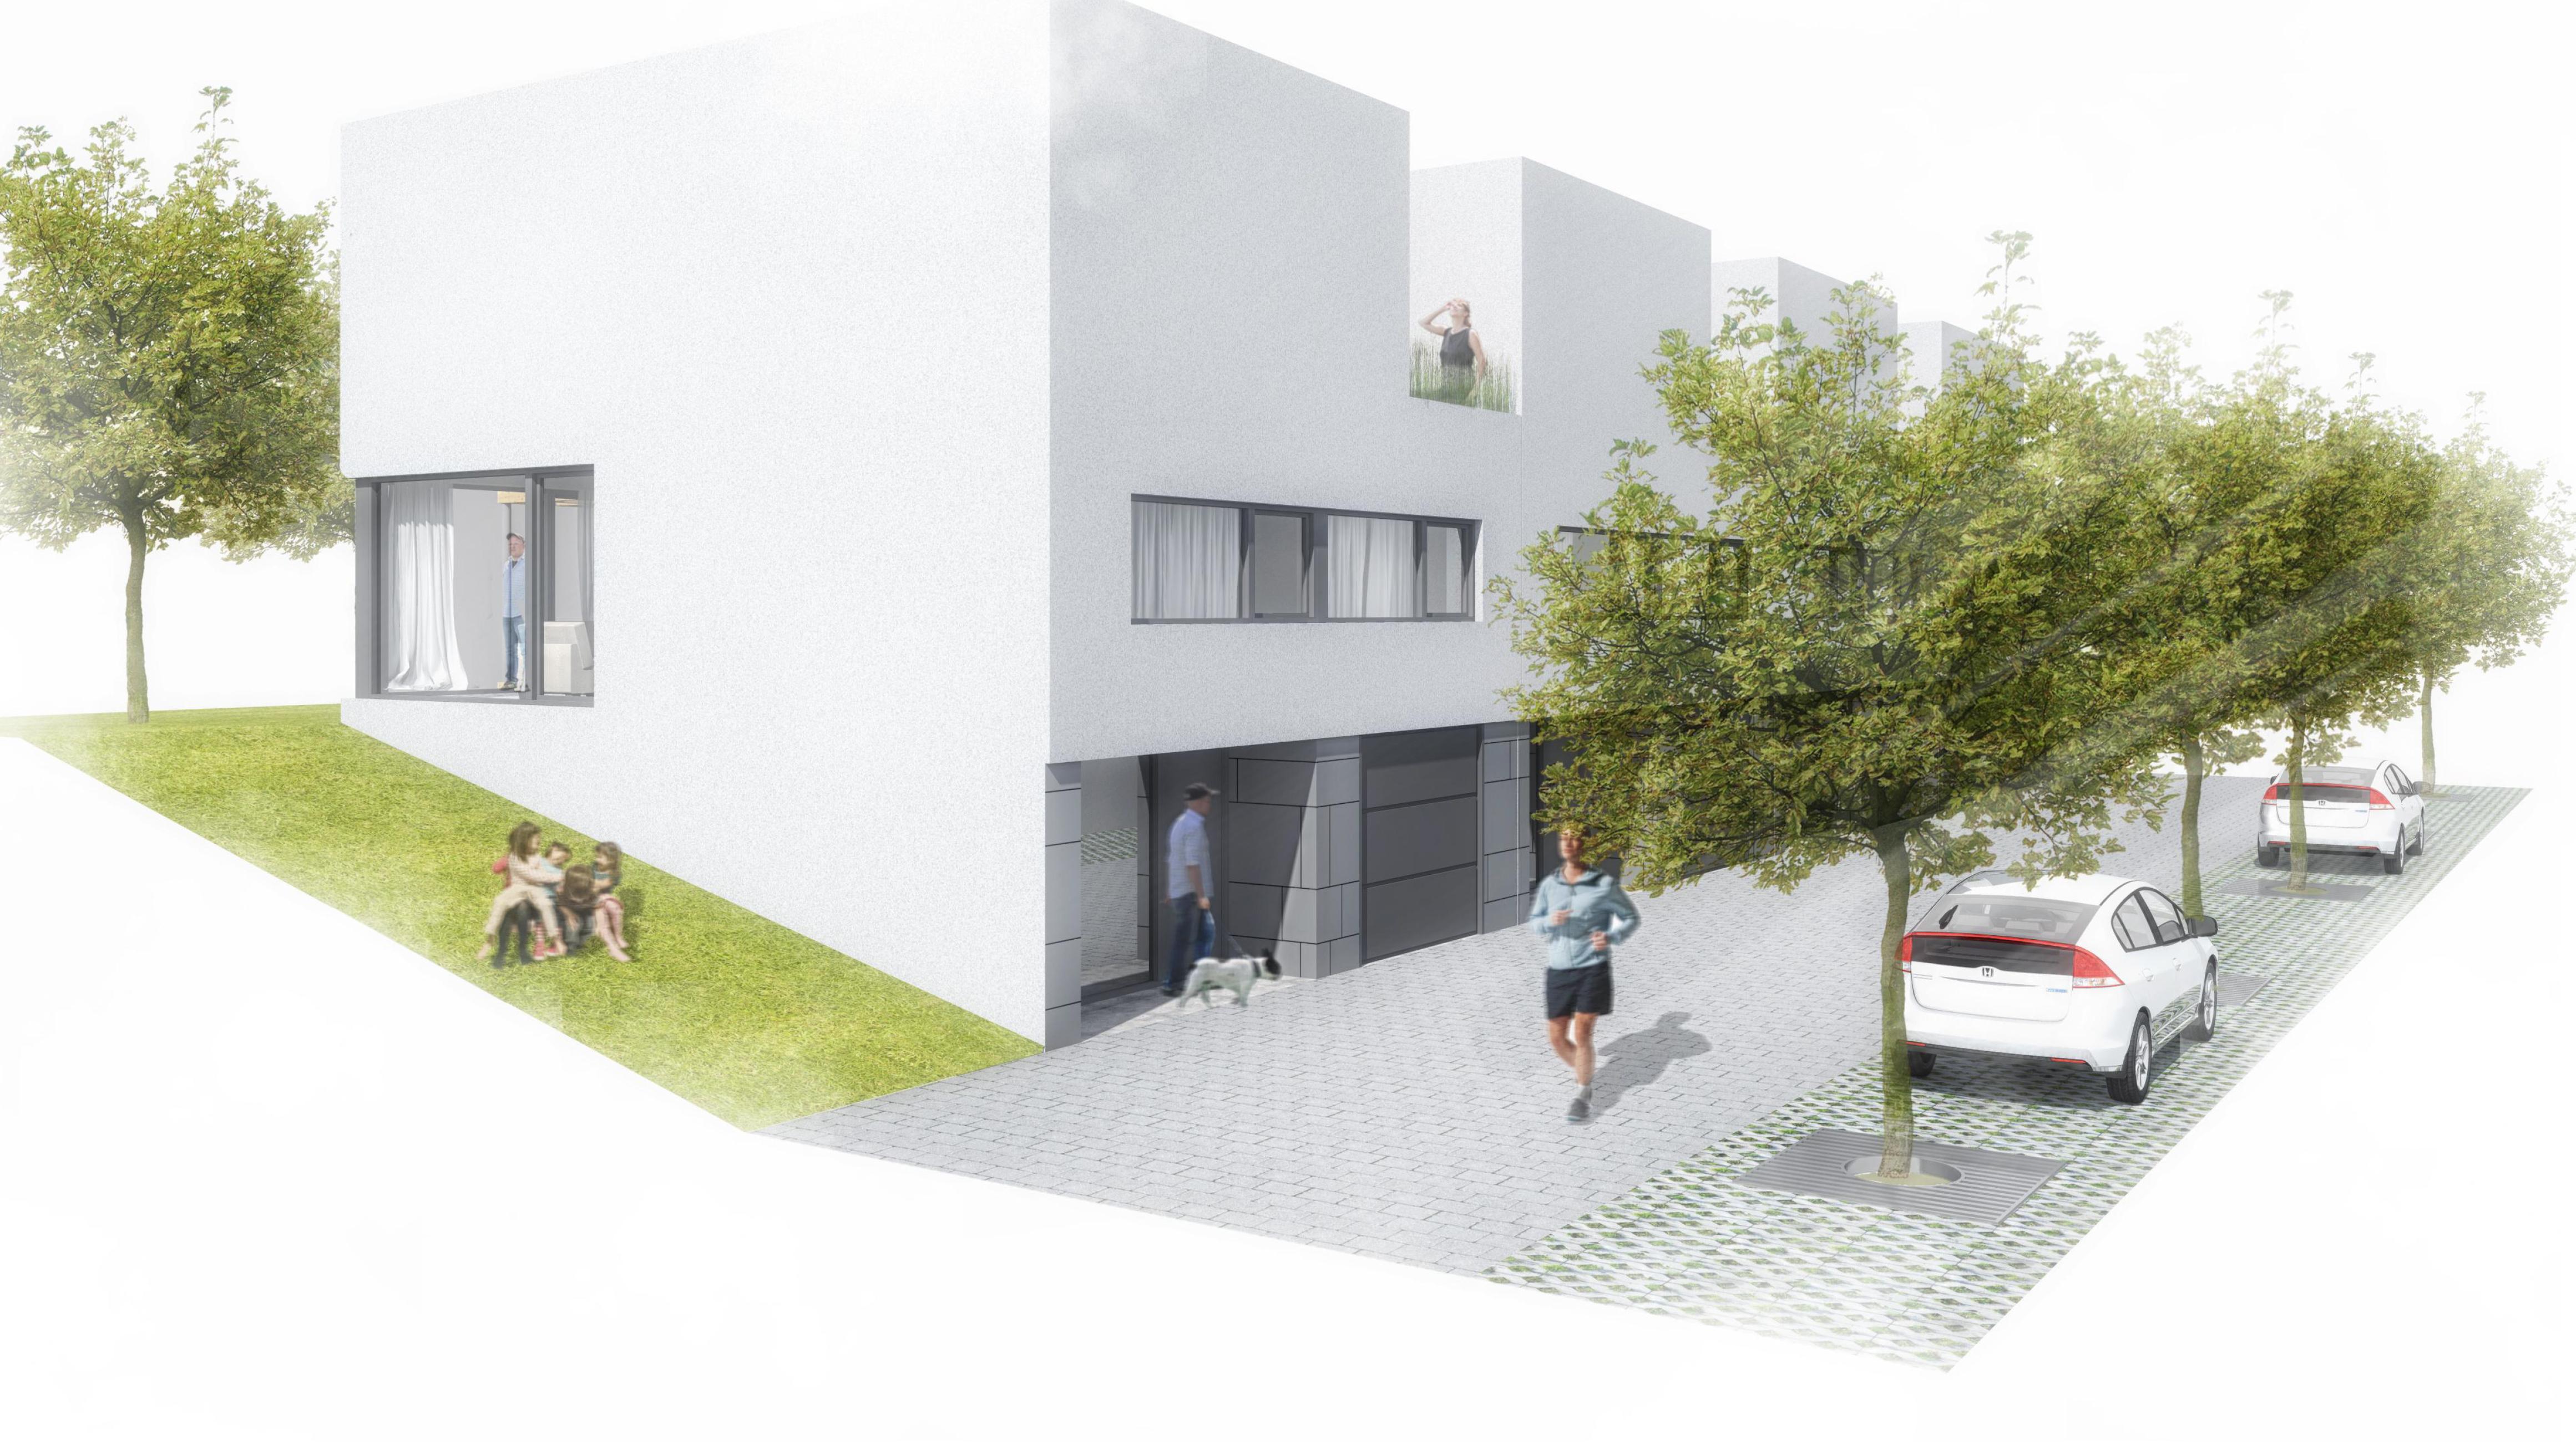 radovy dum strom Graz okna deti auto parkovani beh vyhled reality linda bittova